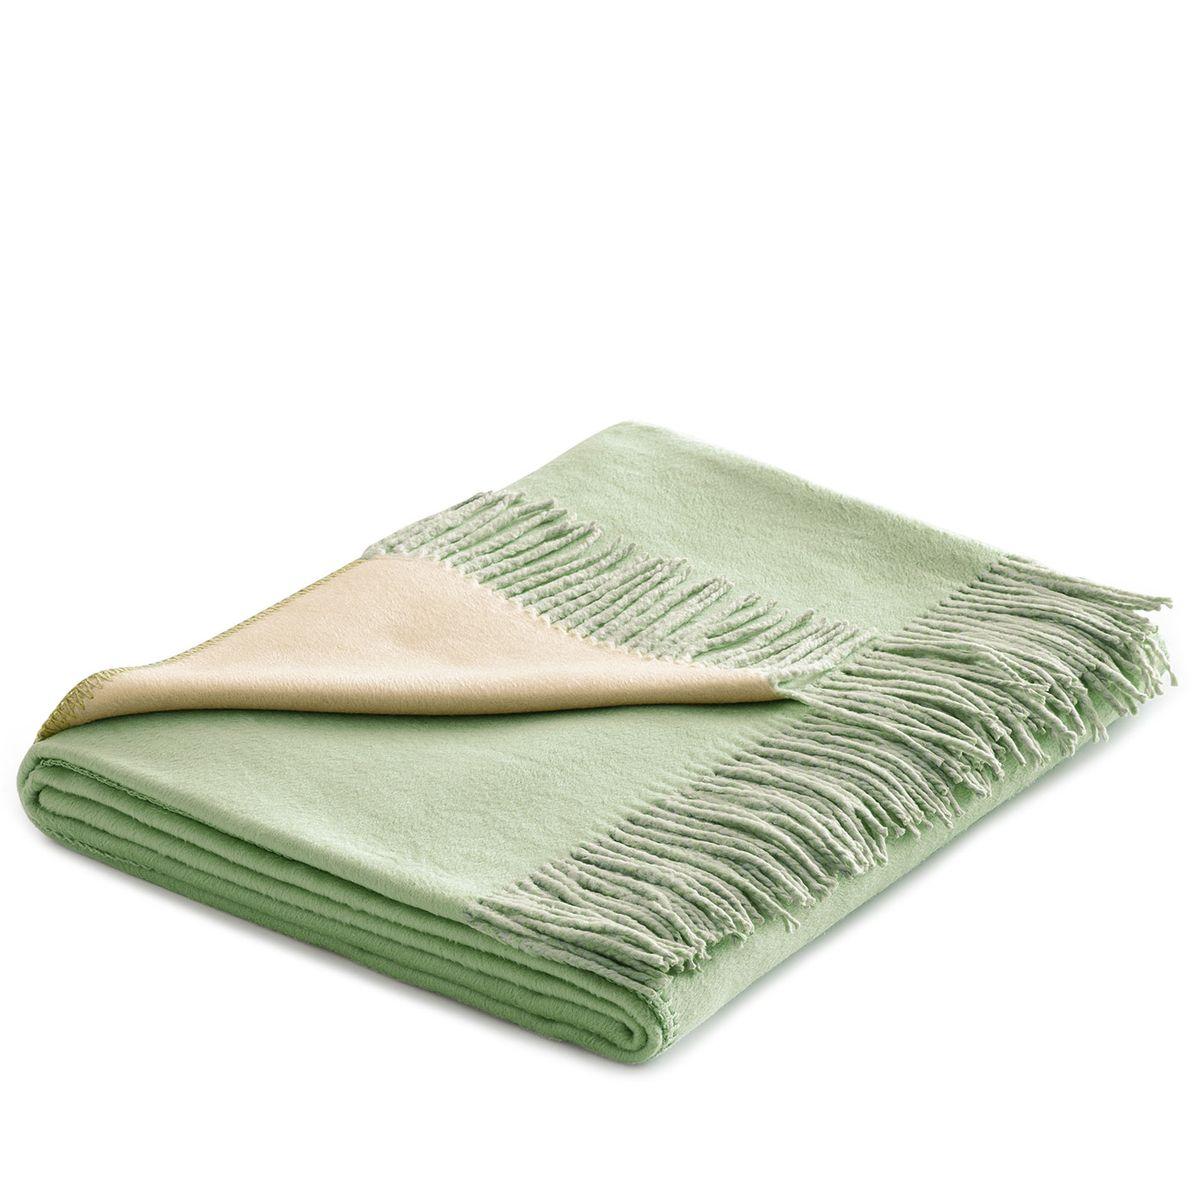 Плед Togas Хлопок-Шелк, цвет: бежевый, зеленый, 140 х 180 см20.03.10.0004Утонченный плед Togas Хлопок-Шелк - это высшая роскошь и настоящее наслаждение. Нежное, скользящее прикосновение этой божественной ткани наполняет блаженством и легкостью. Необычный дизайн позволяет в мгновение ока трансформировать пространство вашей спальни или гостиной: просто поверните плед стороной того цвета, который вам сейчас по душе, - и наслаждайтесь непринужденной грацией элегантно драпирующихся складок, ниспадающих шелковистым каскадом. Несмотря на удивительную тонкость и невесомость, плед из 75% шелка и 25% хлопка очень практичен и прост в уходе, а значит - прослужит вам долгие годы, став неотъемлемой частью вашего уюта и комфорта.